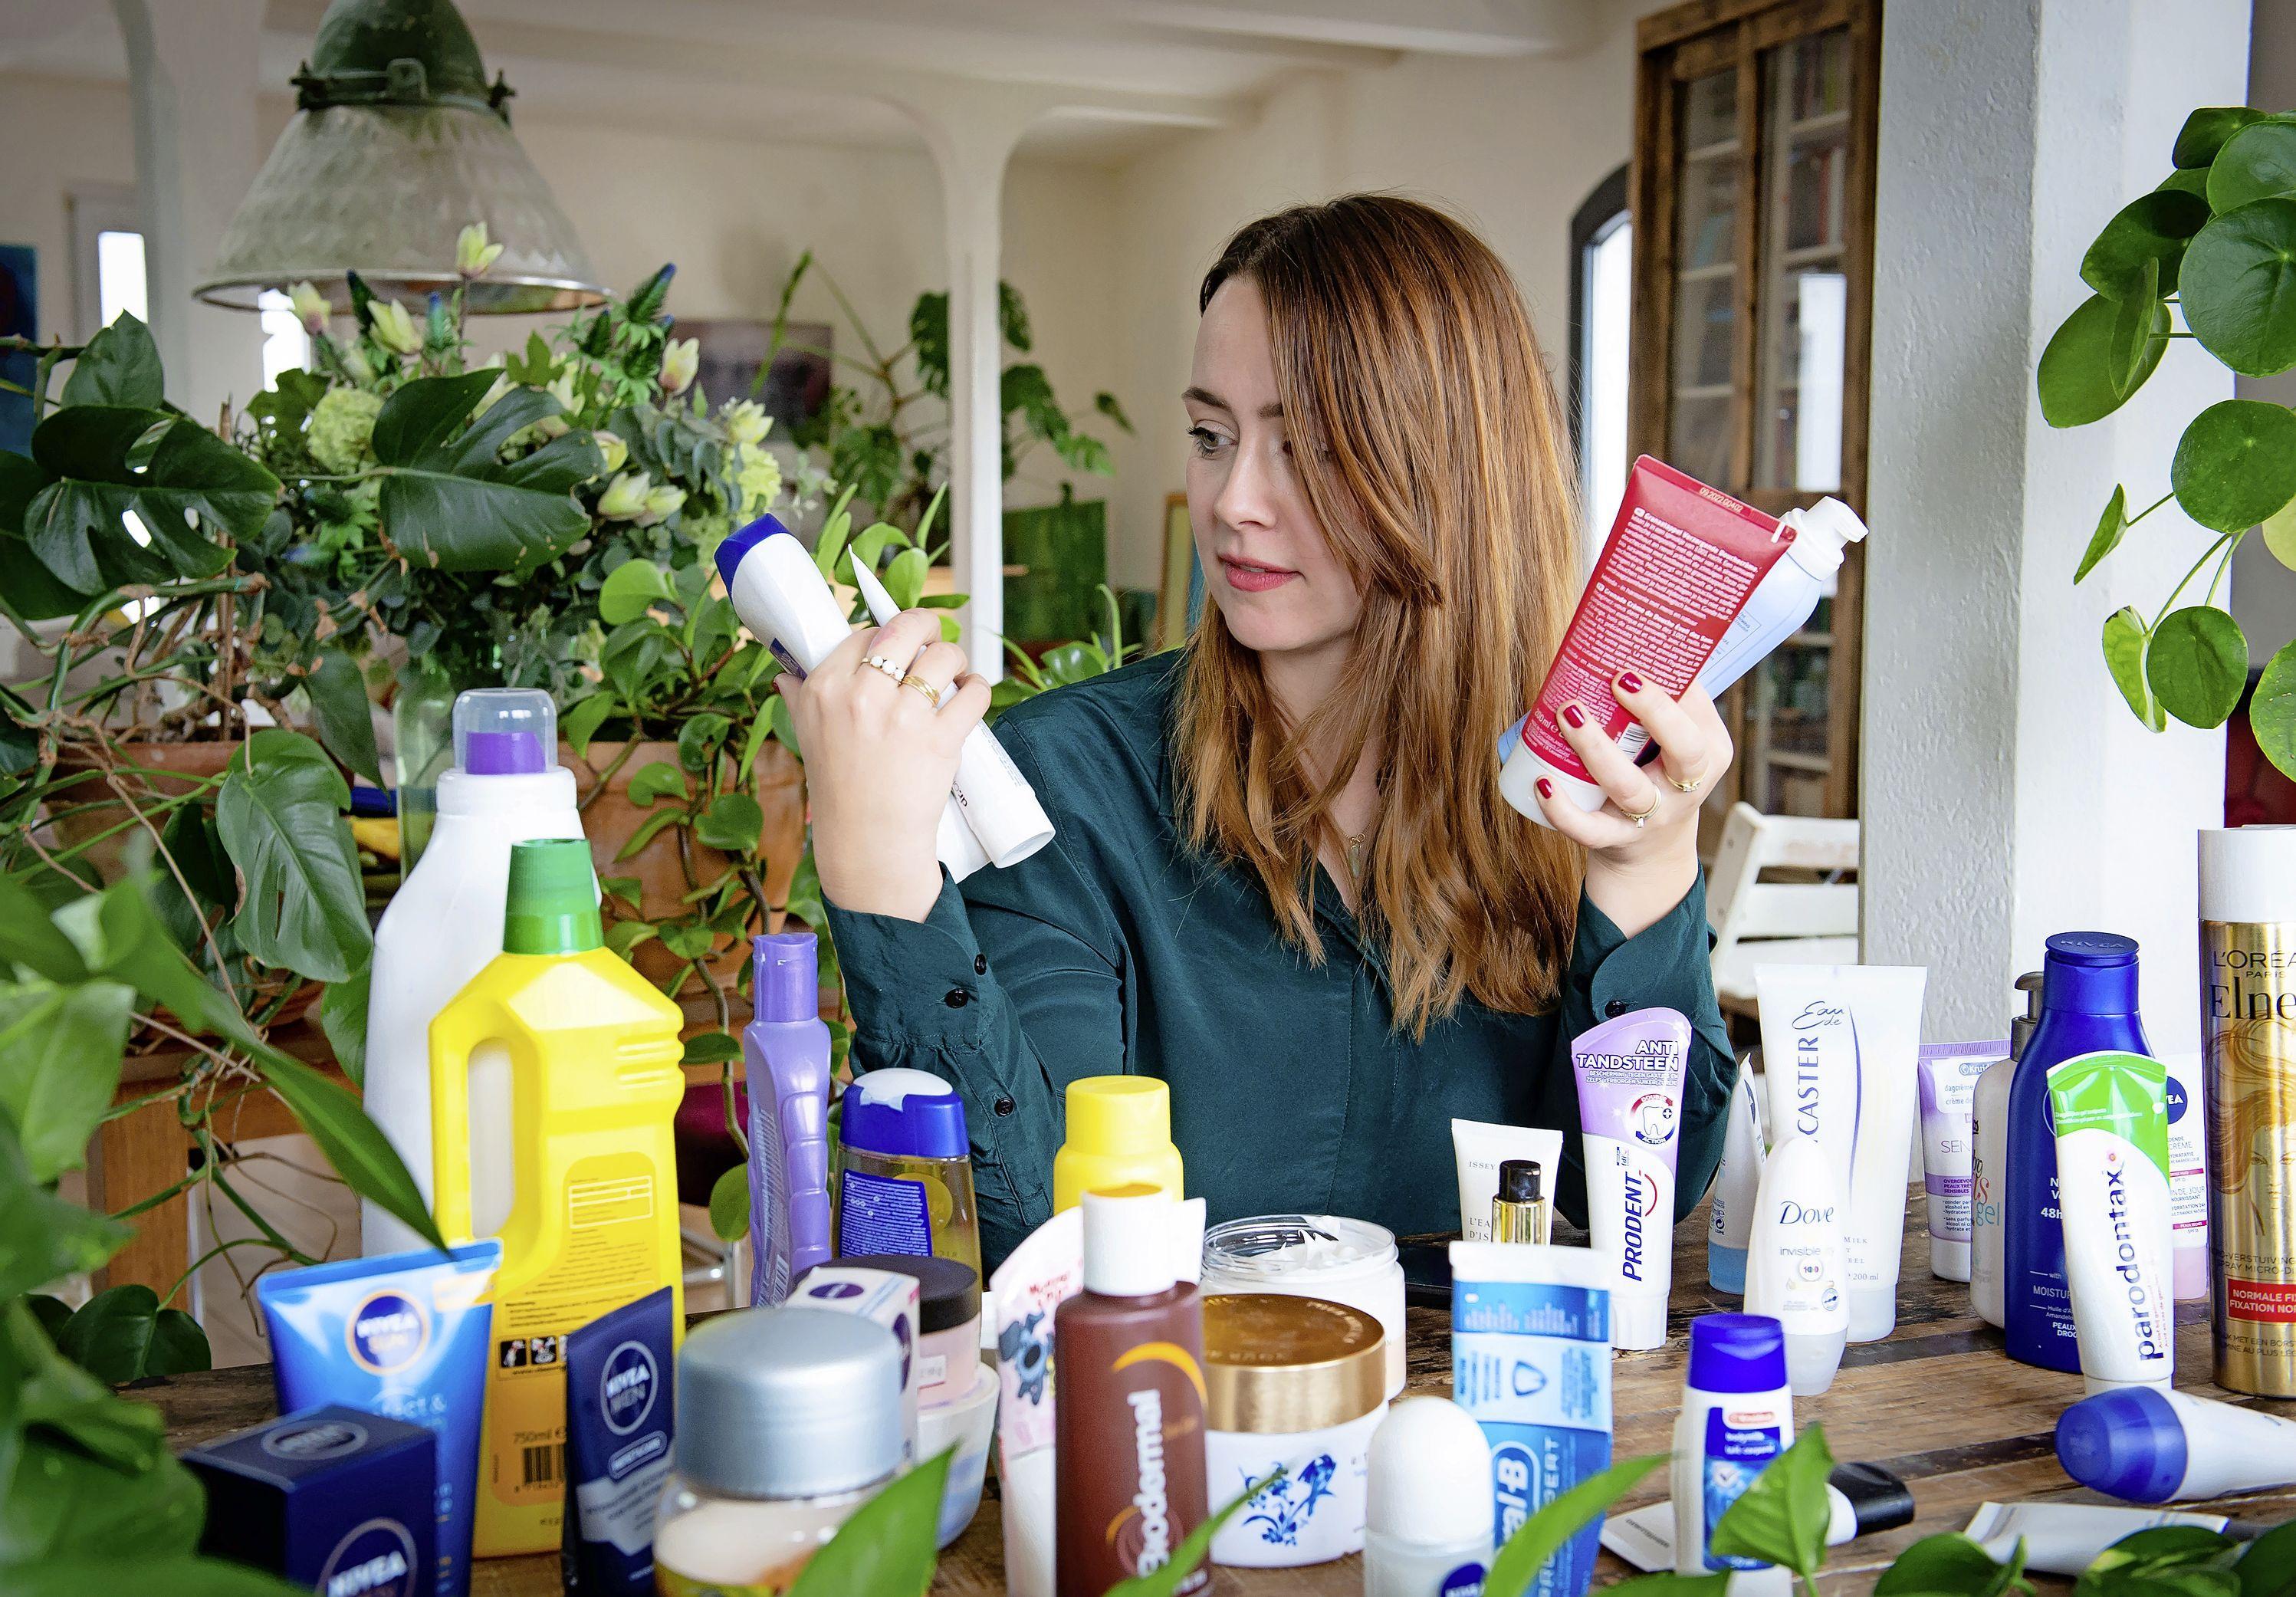 Ban al die microplastics uit onze shampoos, zegt de nieuwe activist in mij